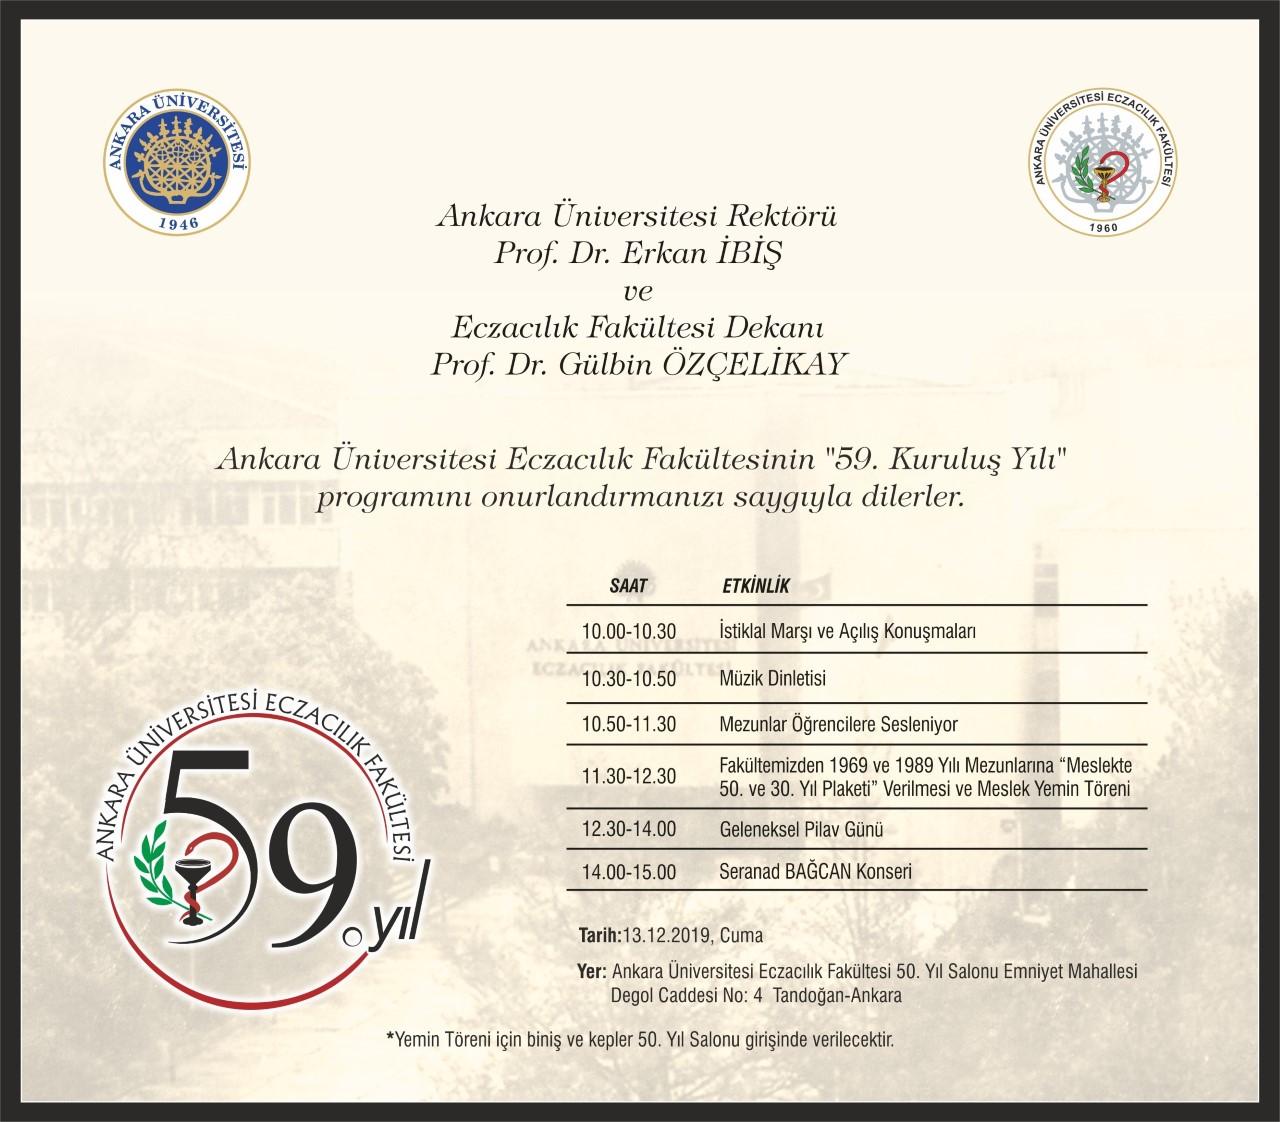 Ankara Üniversitesi Eczacılık Fakültesi 59.Yıl Kuruluş Yıl Dönümü Etkinlikleri